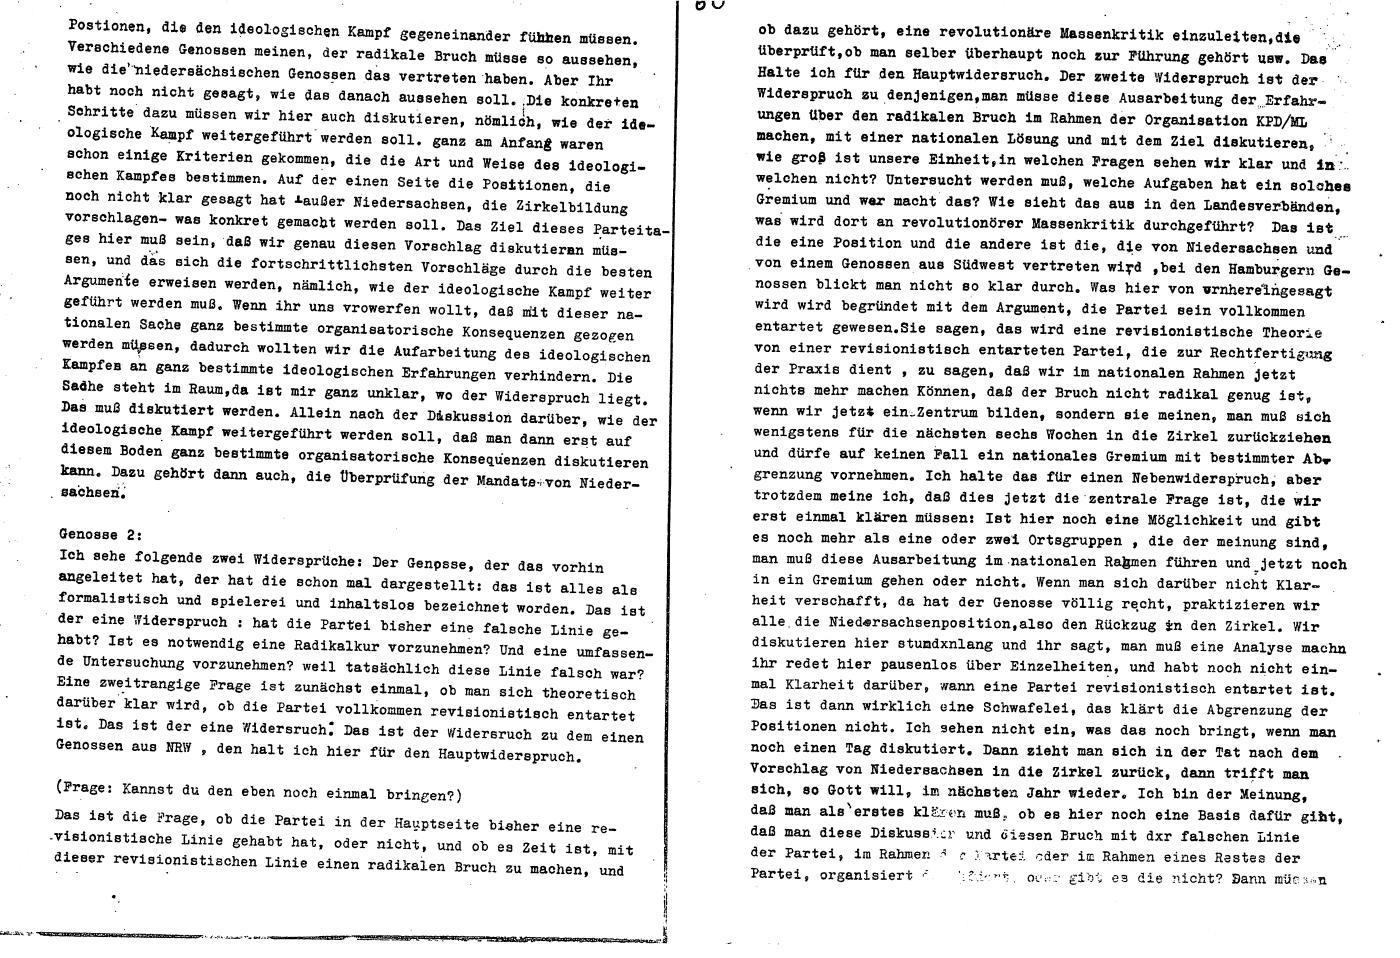 KPDML_1971_Wortprotokolle_aoPt_098